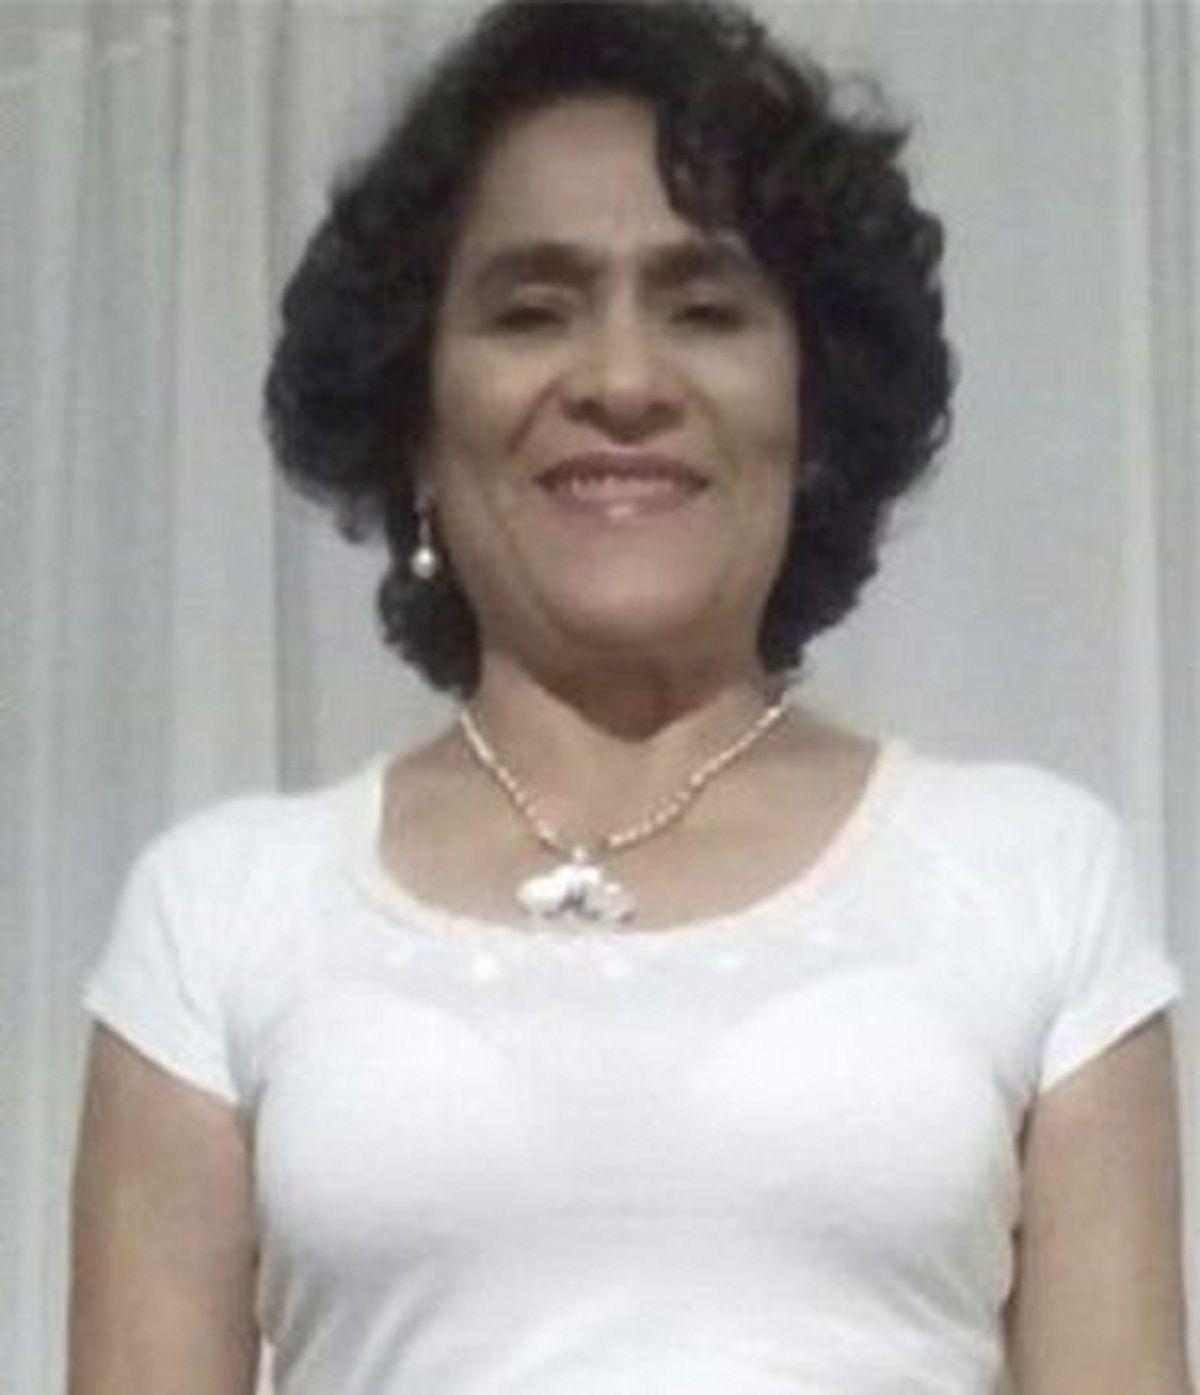 Femicidio en Federación: un reconocido empresario asesinó a puñaladas a su mujer